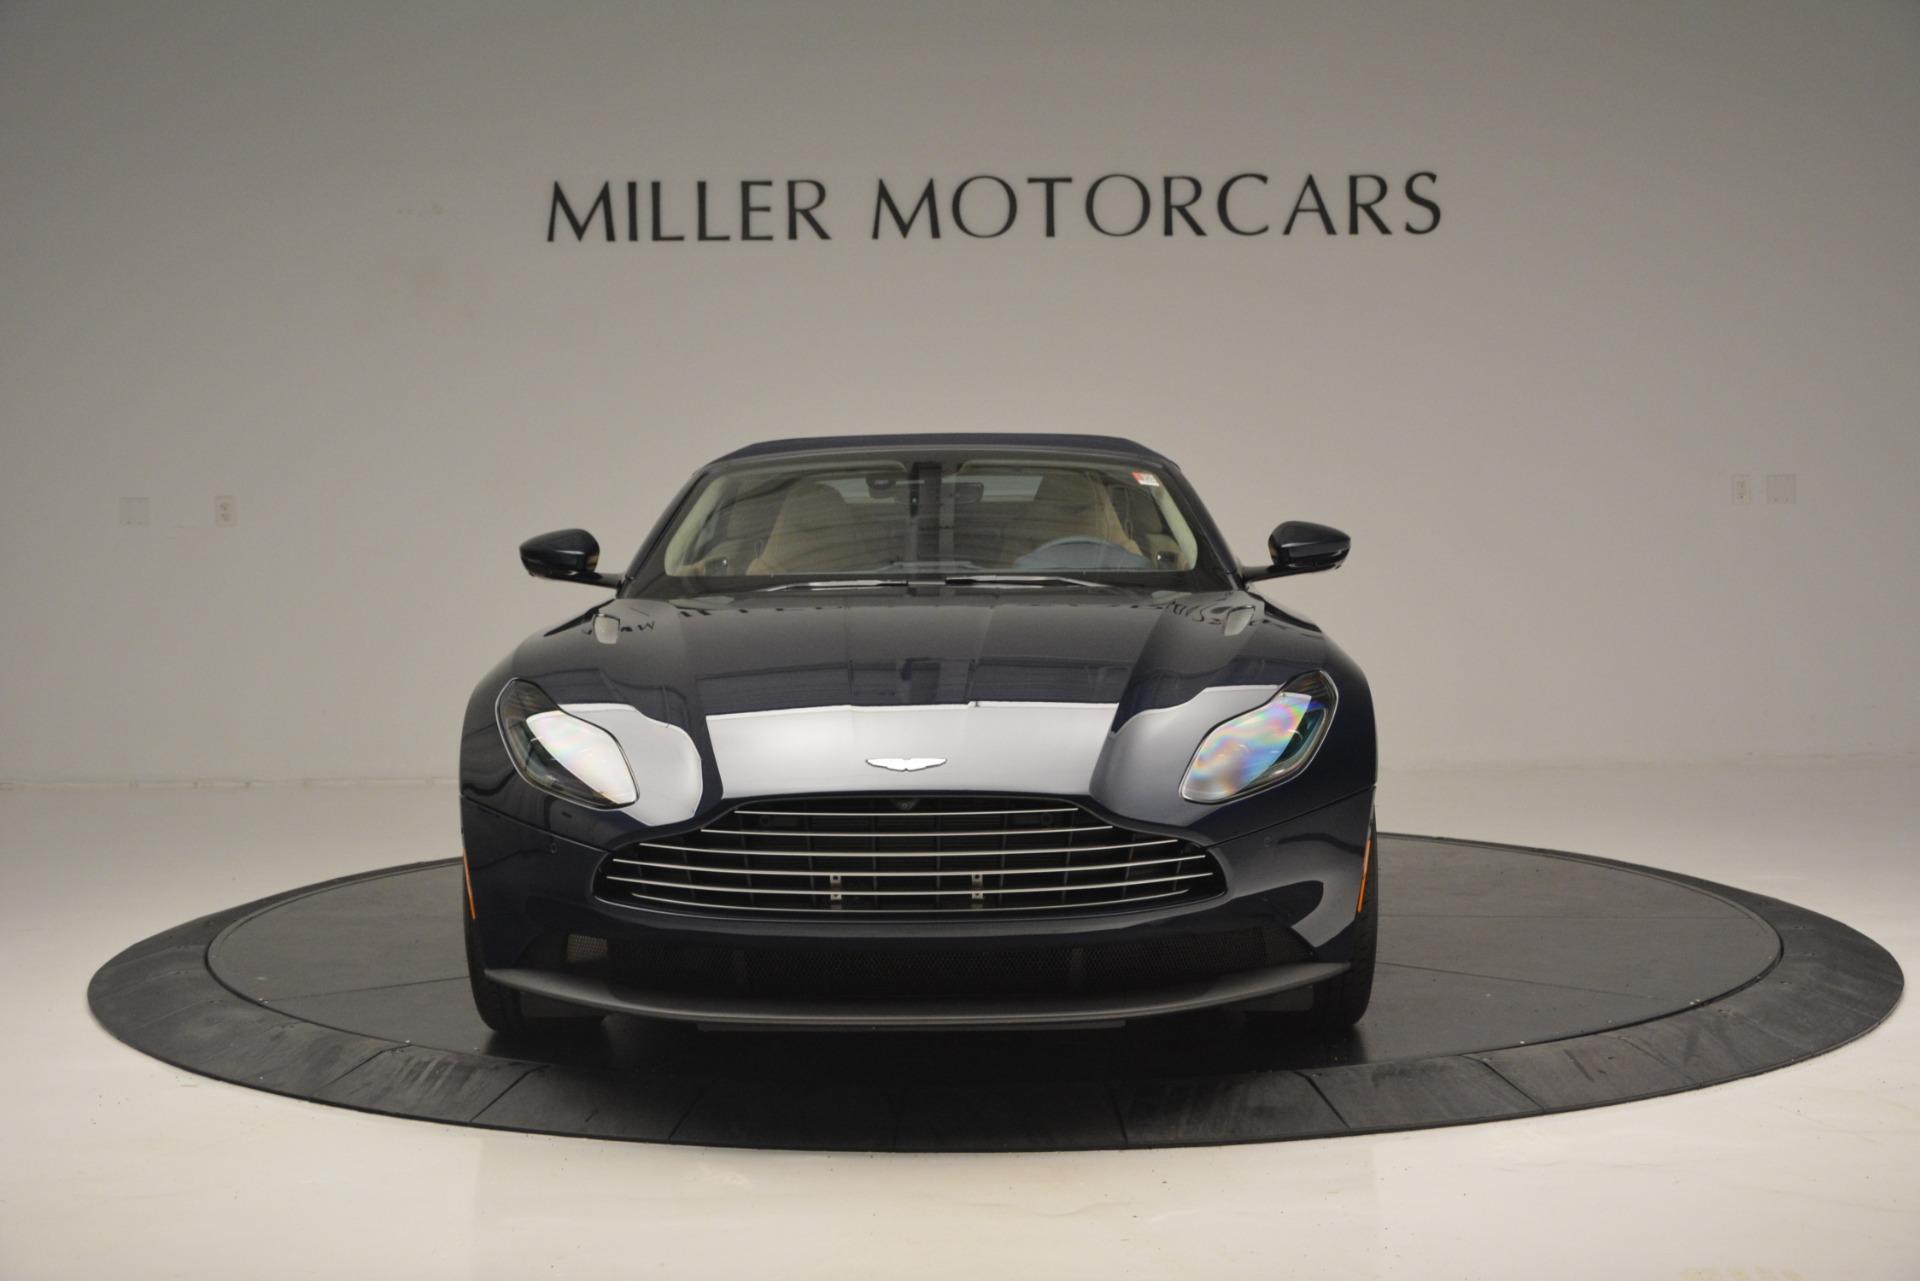 New 2019 Aston Martin DB11 Volante Volante For Sale In Greenwich, CT 2594_p23